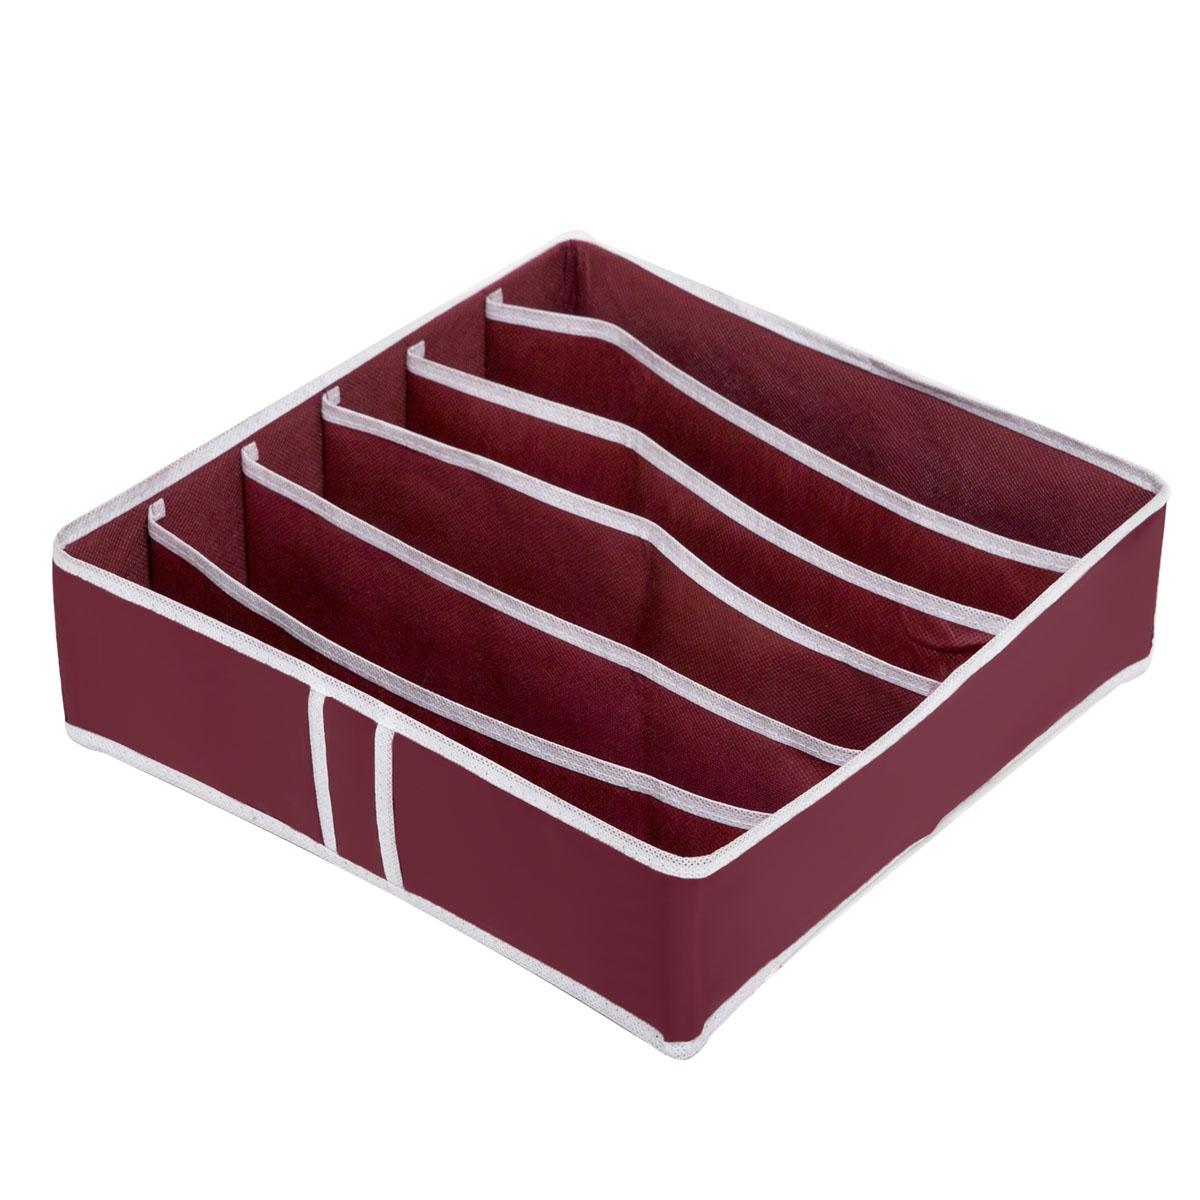 Органайзер для хранения Homsu Red Rose, 6 секций, 35 x 35 x 10 смRG-D31SКомпактный складной органайзер Homsu Red Rose изготовлен из высококачественного полиэстера, который обеспечивает естественную вентиляцию. Материал позволяет воздуху свободно проникать внутрь, но не пропускает пыль. Органайзер отлично держит форму, благодаря вставкам из плотного картона. Изделие имеет 6 секций для хранения нижнего белья, колготок, носков и другой одежды.Такой органайзер позволит вам хранить вещи компактно и удобно.